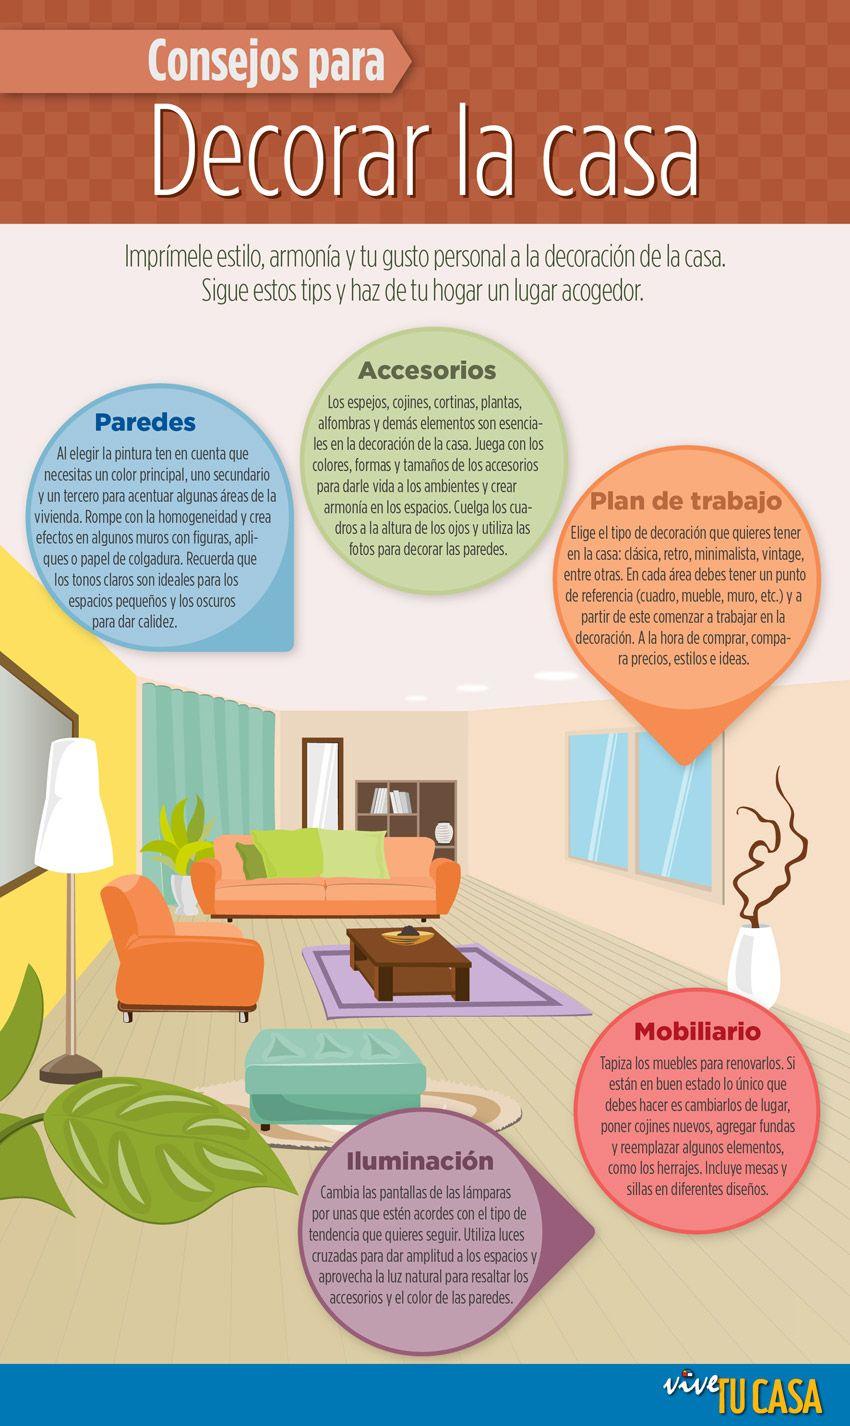 Consejos para decorar la casa vive tu casa homecenter for Consejos decorar casa